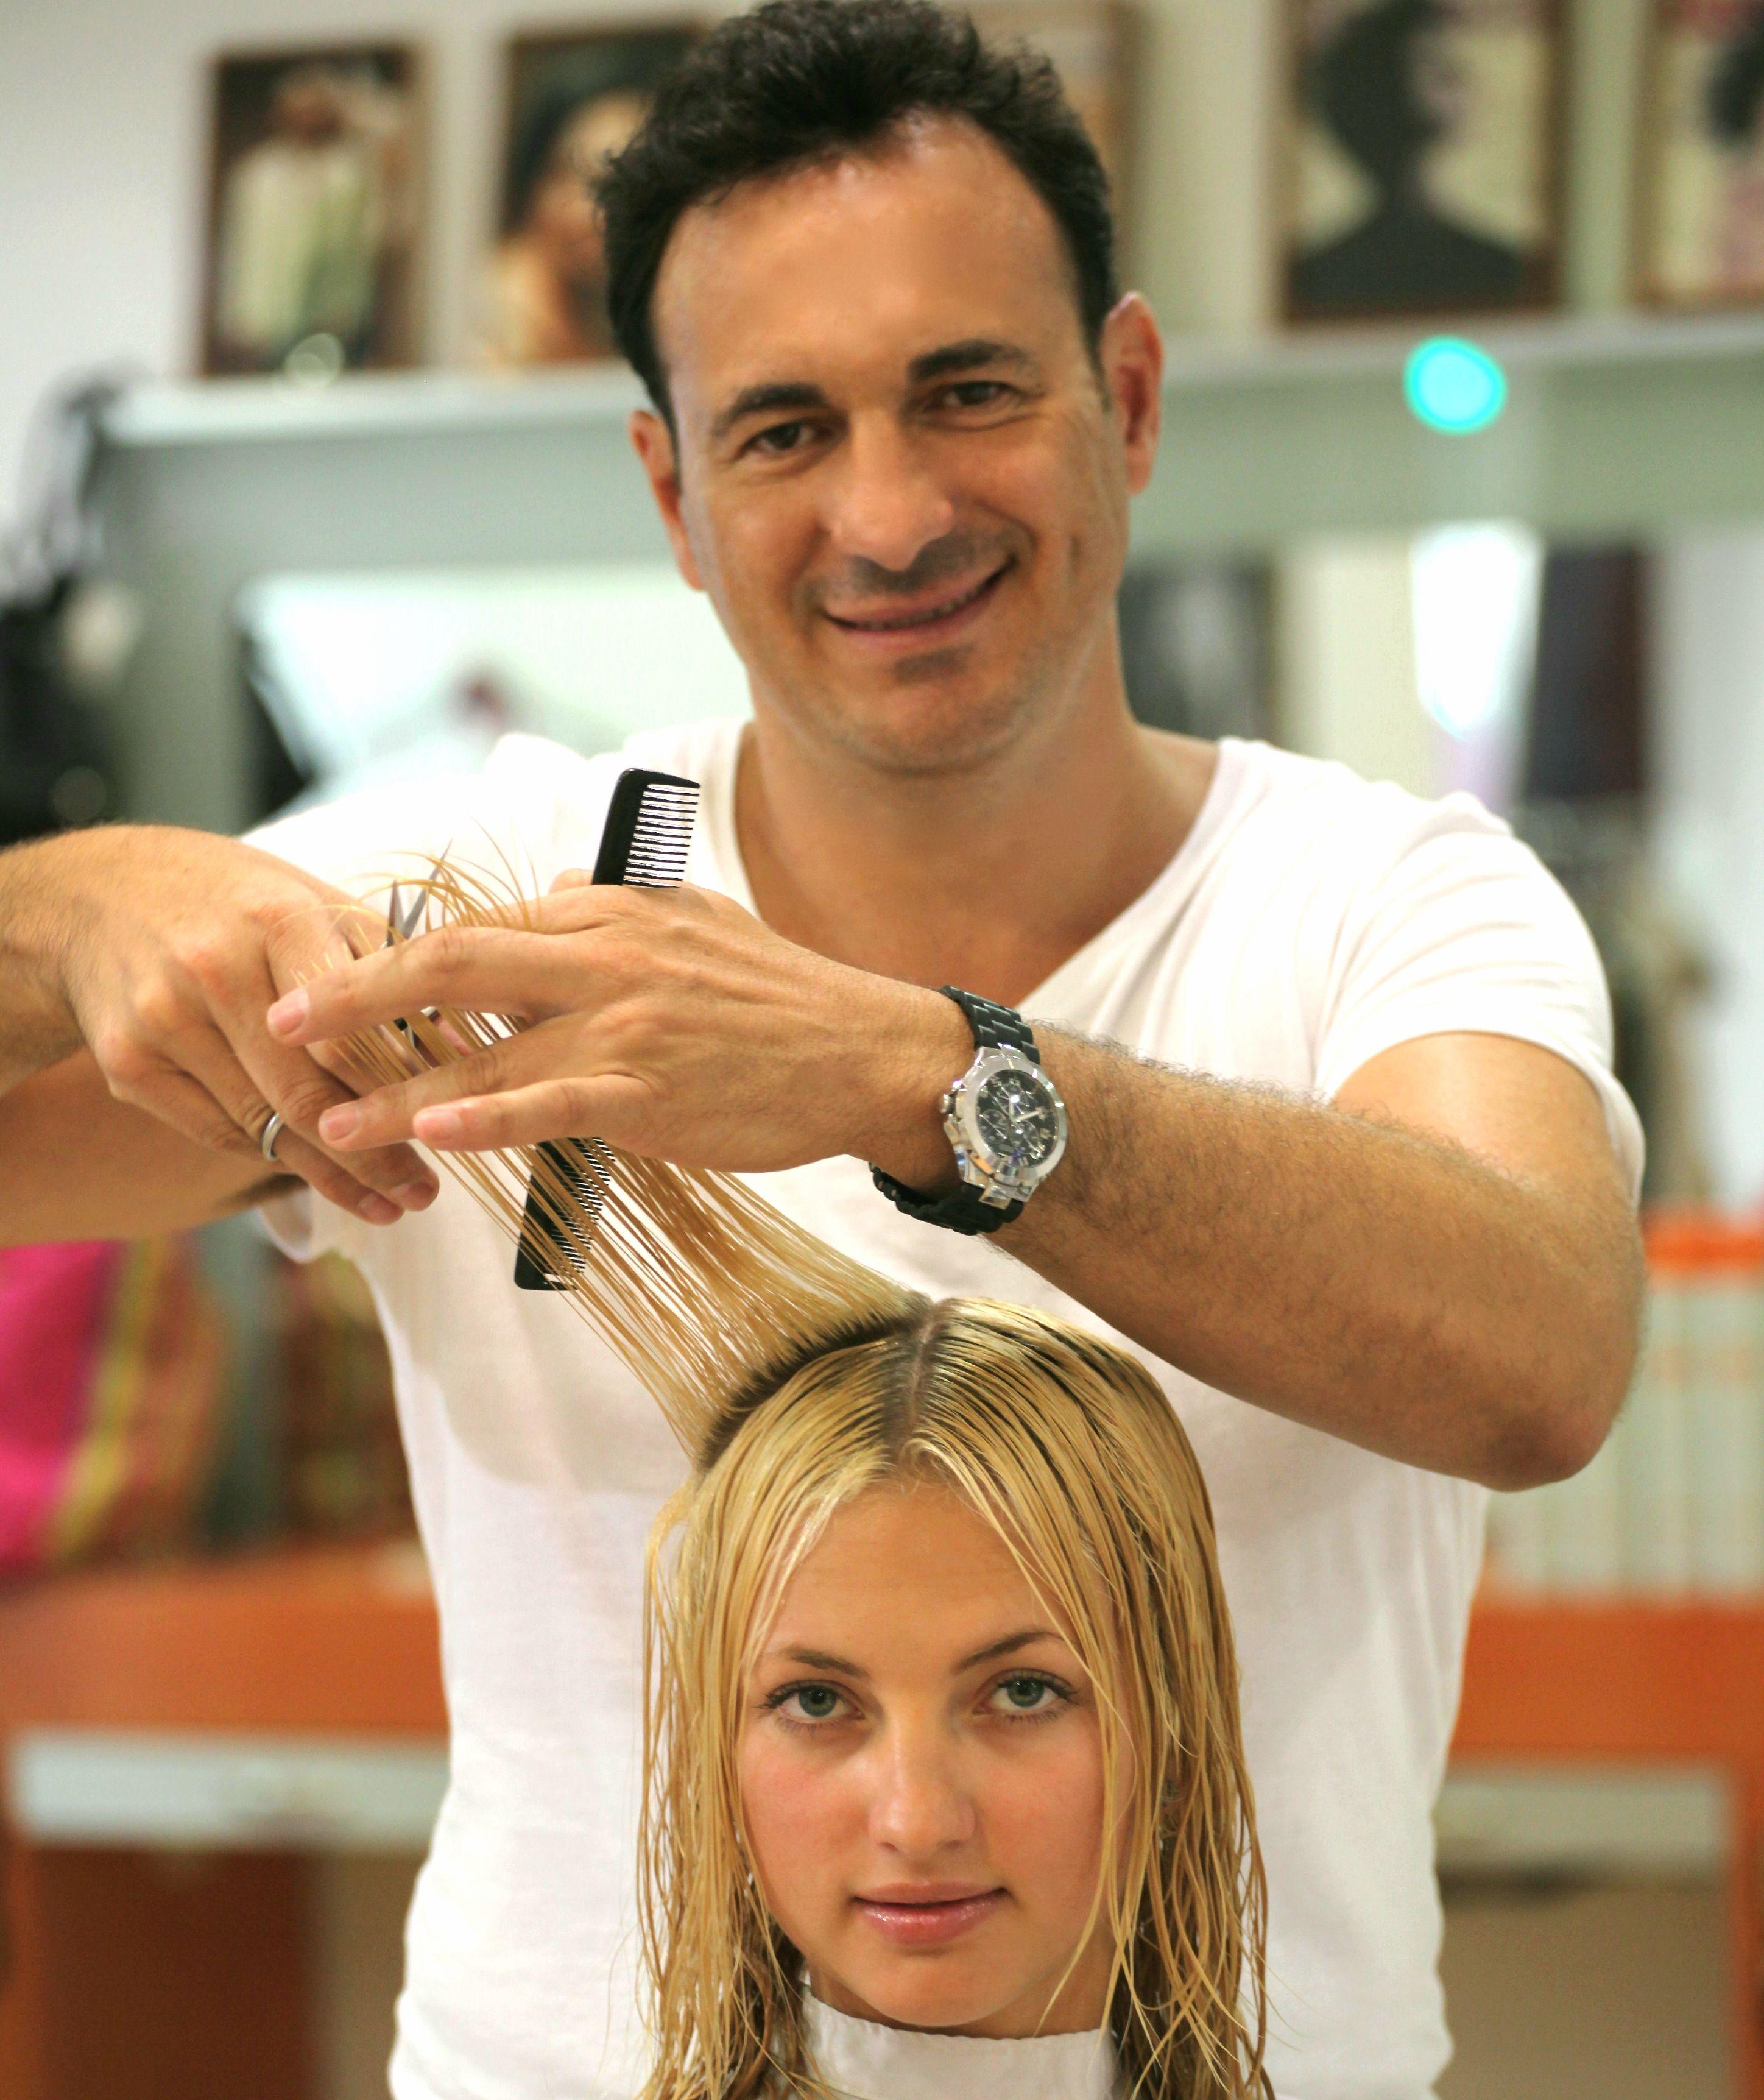 Asesor de imagen y maquillador Javier Ruíz peluquero